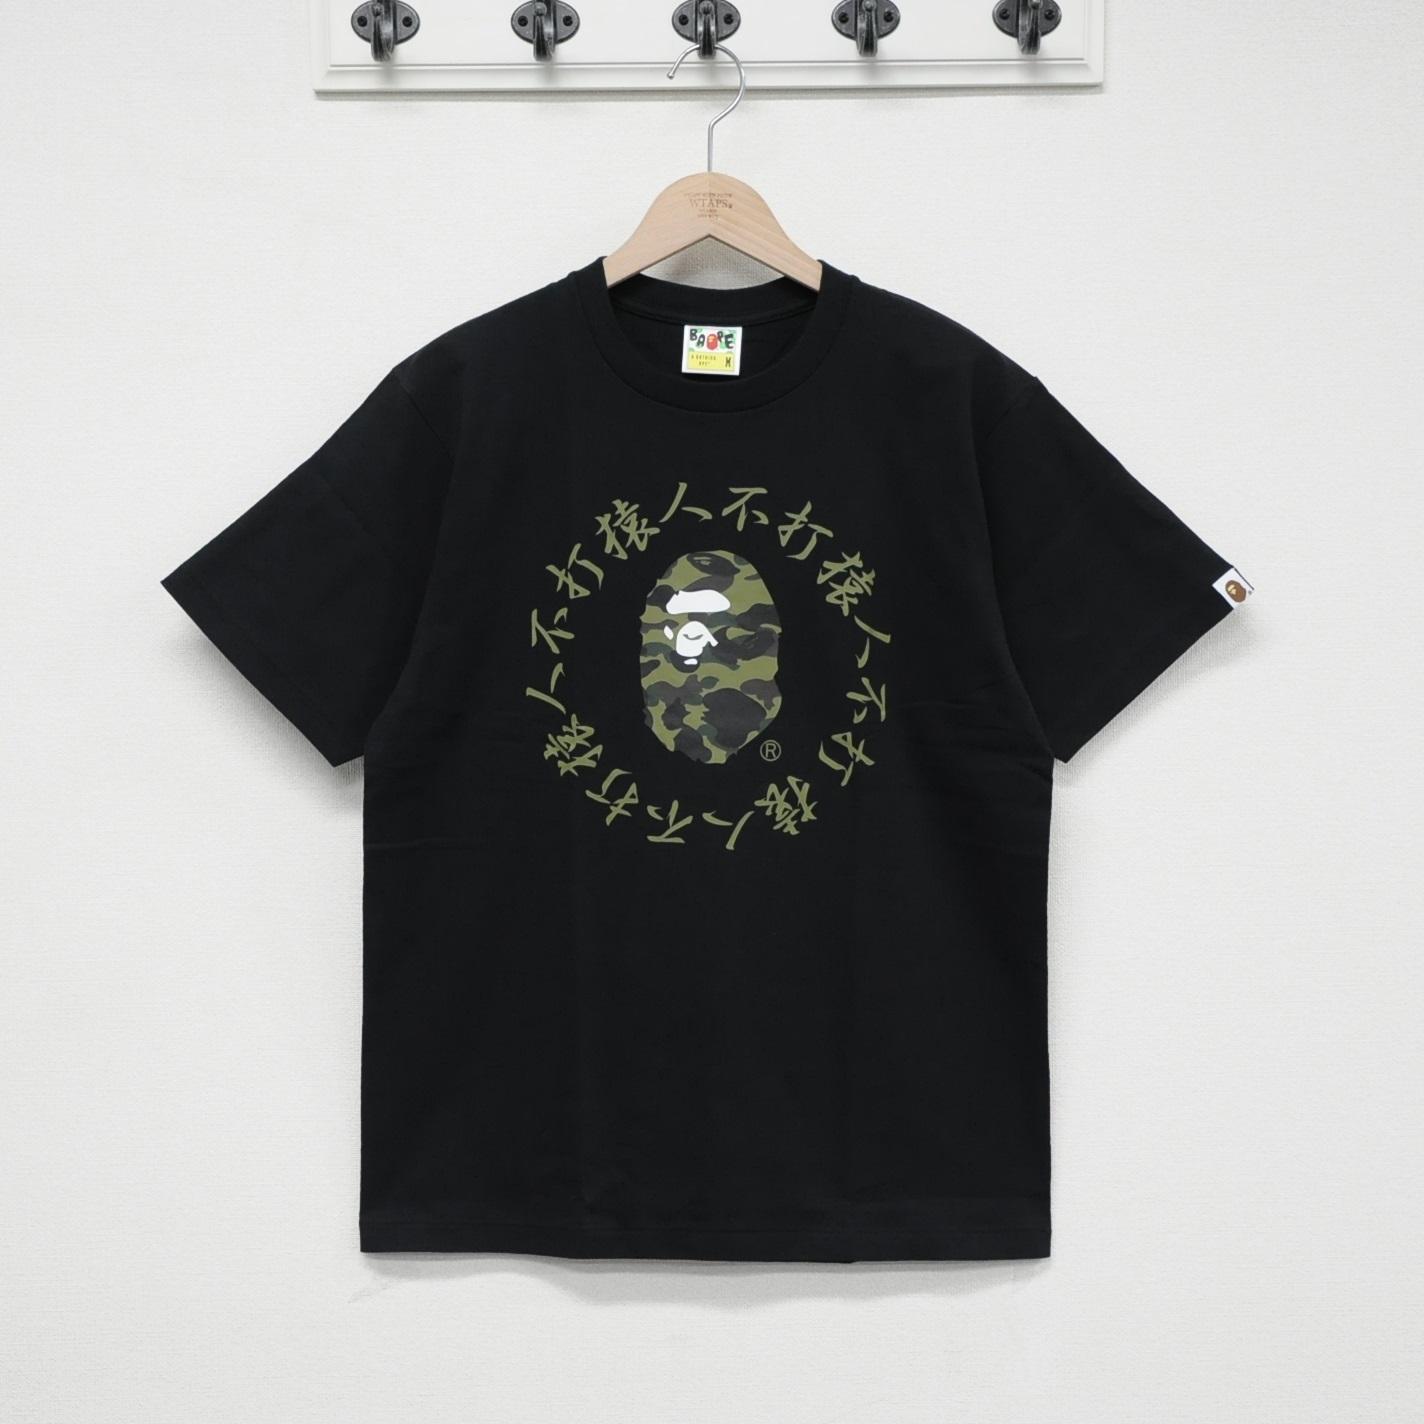 四季  BAPE 1ST CAMO KANJI LOGO TEE 猿人不打猿人T恤 20SS